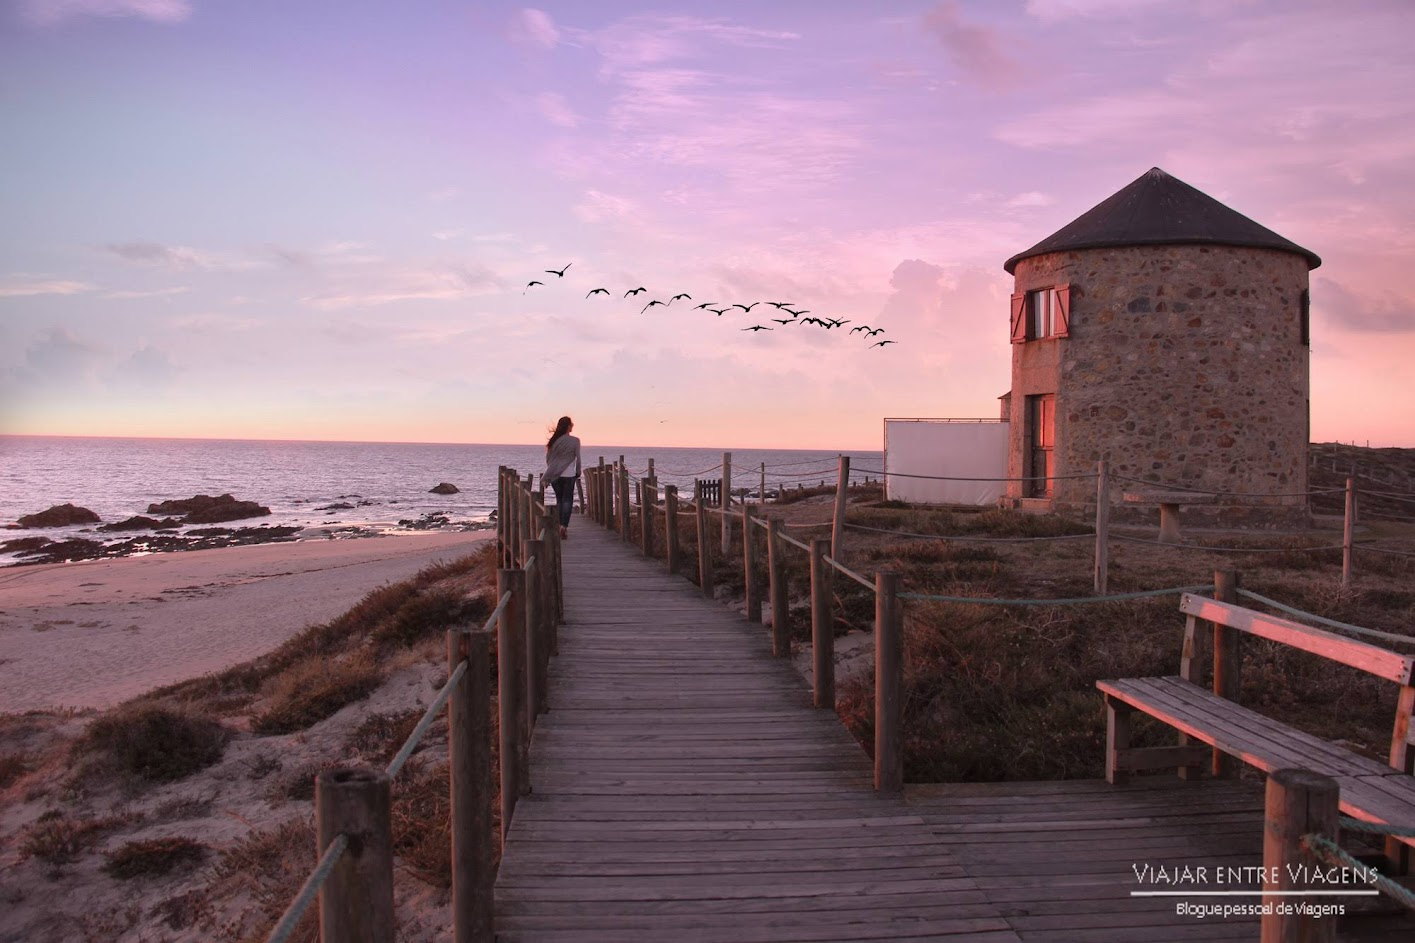 ESTRADAS DE PORTUGAL | Visitar algumas das melhores estradas portuguesas para além da Estrada Nacional 2 - EN222, EN13, EN108, EN102, EN247, EN6, EN253, EN203, EN221 e EN2